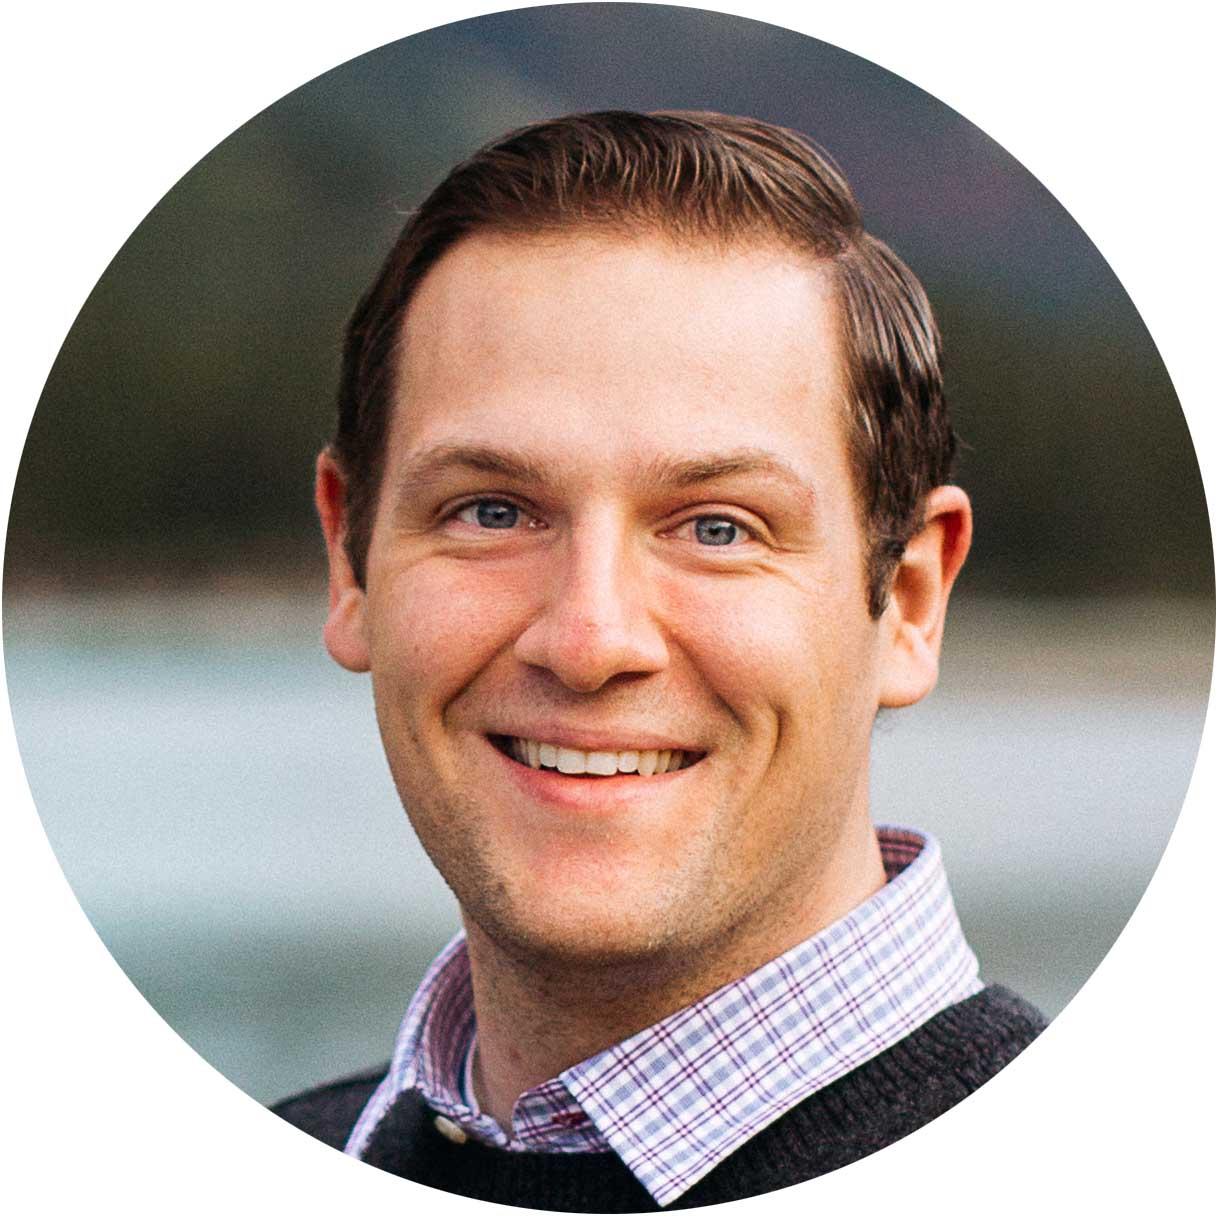 Jonathan Weiss, Software AG